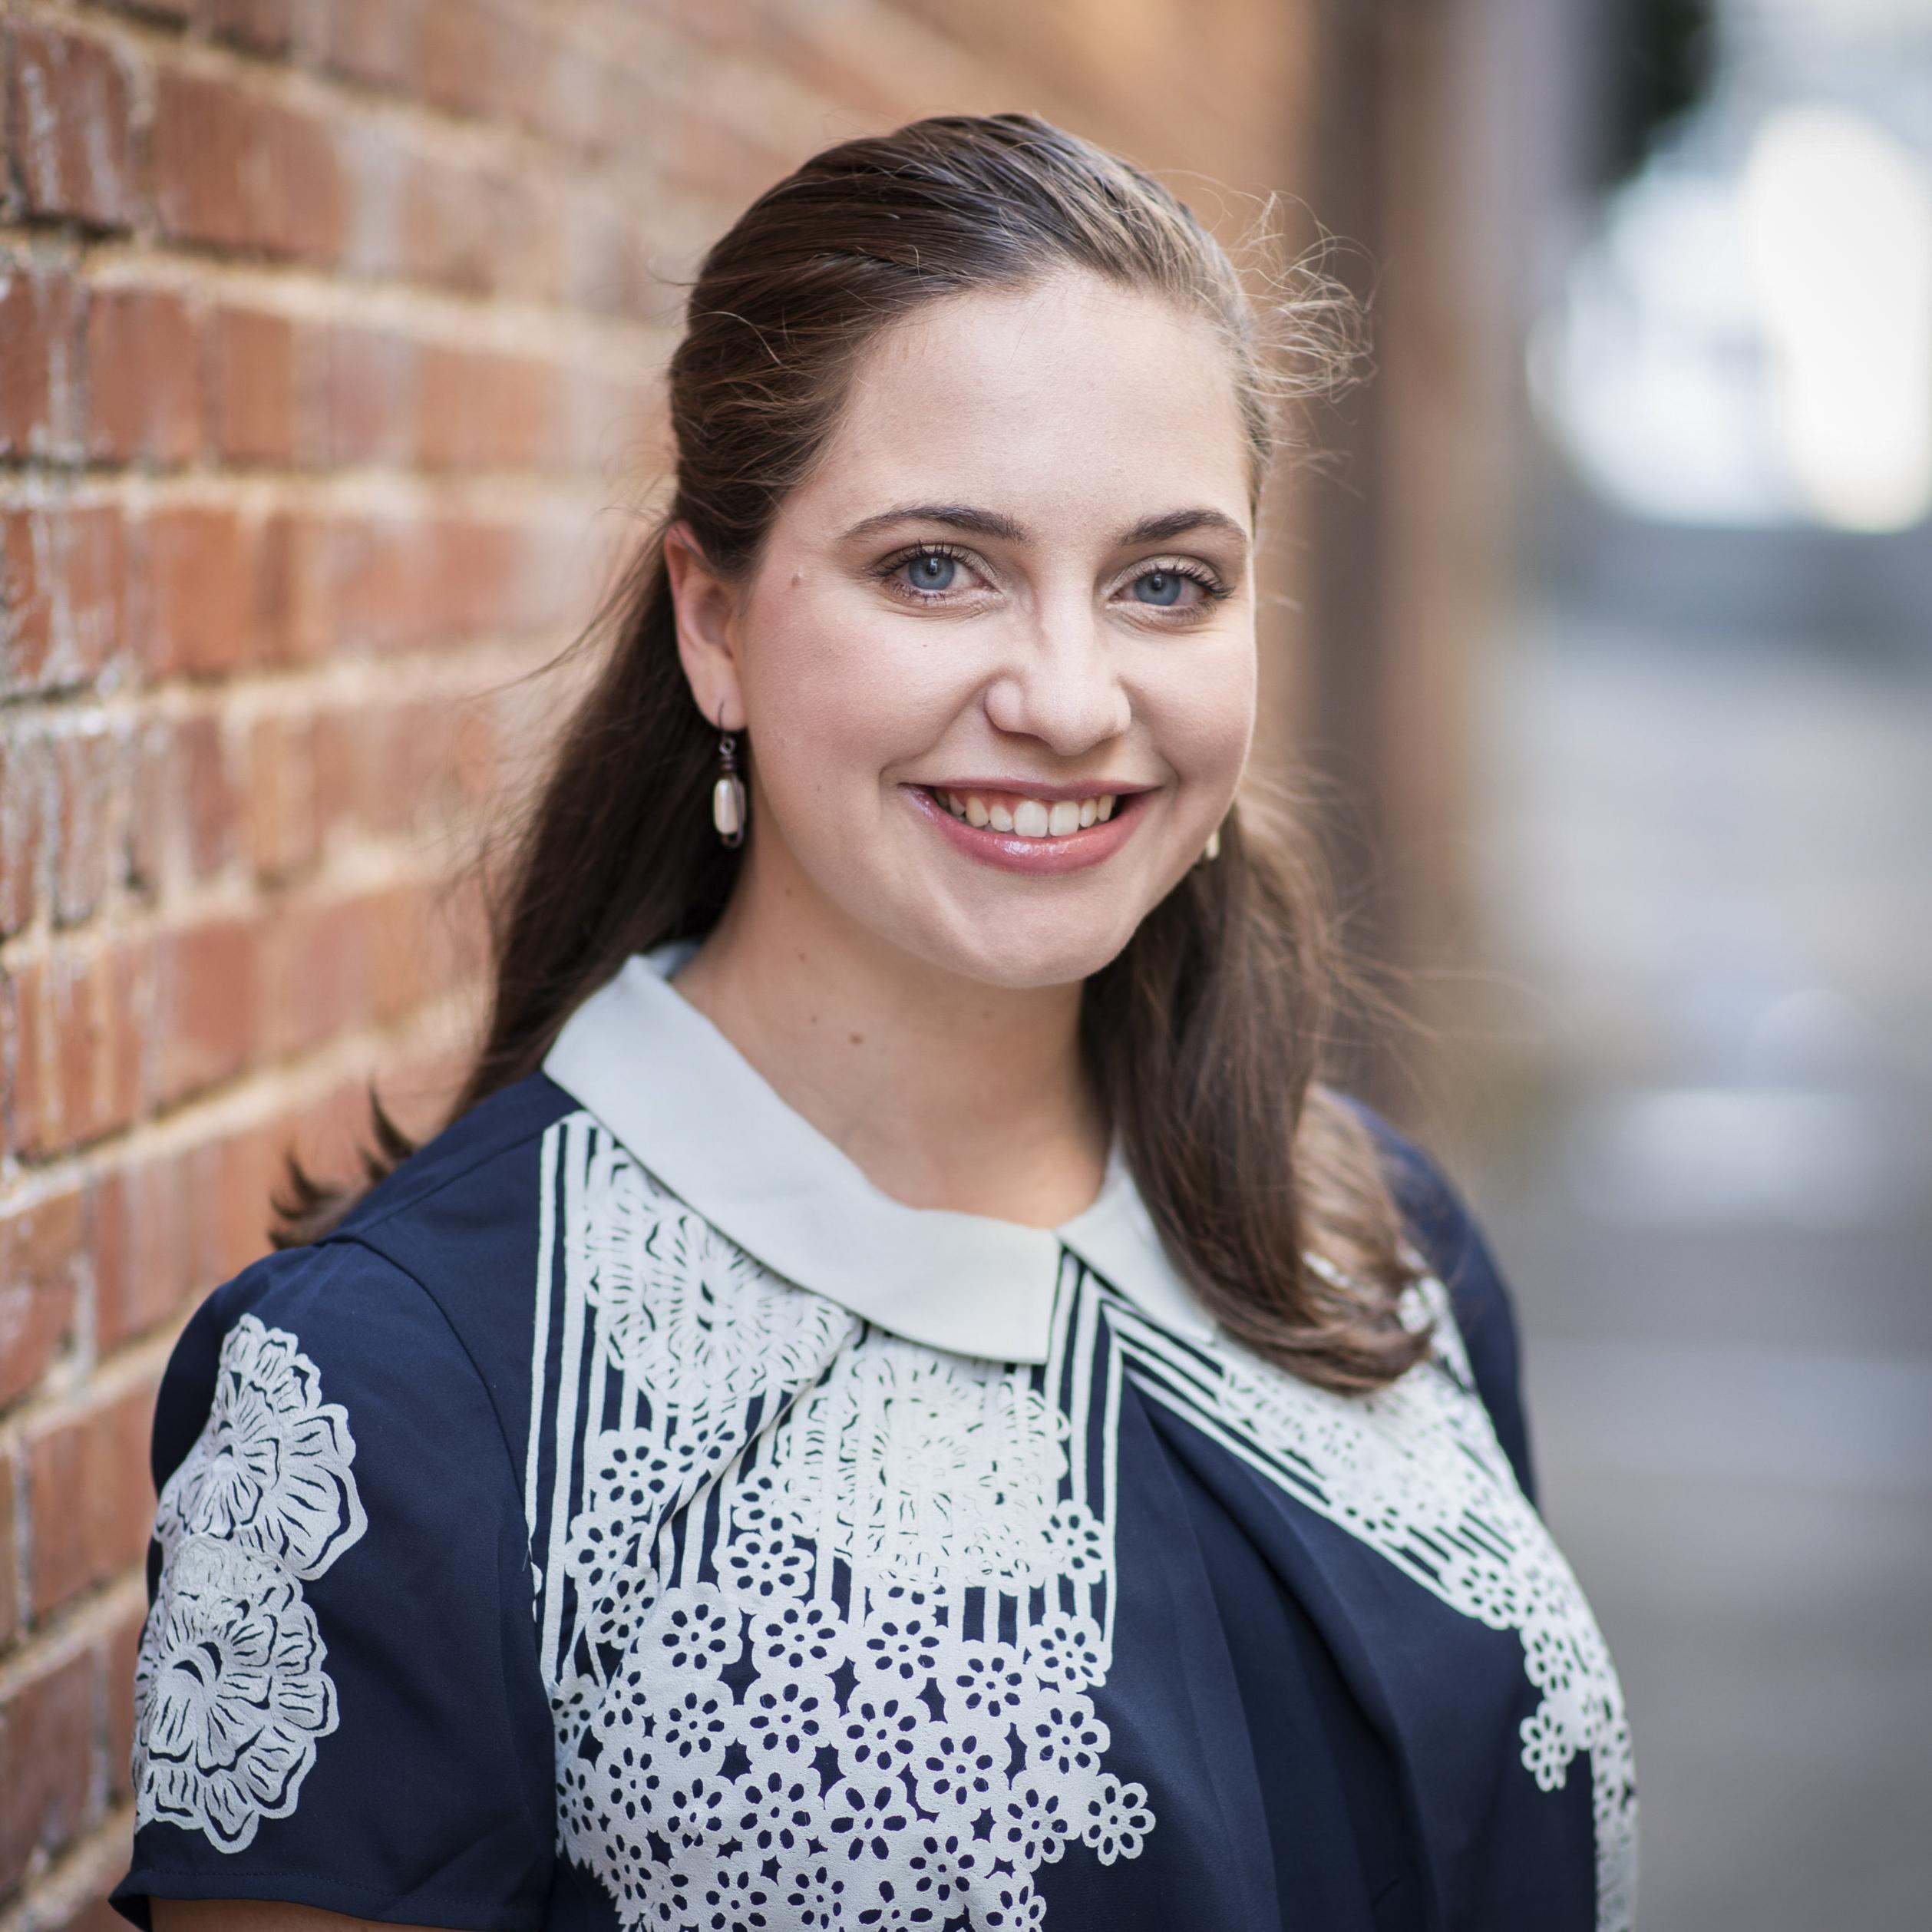 Maggie Fortenberry - Maggie Fortenberry